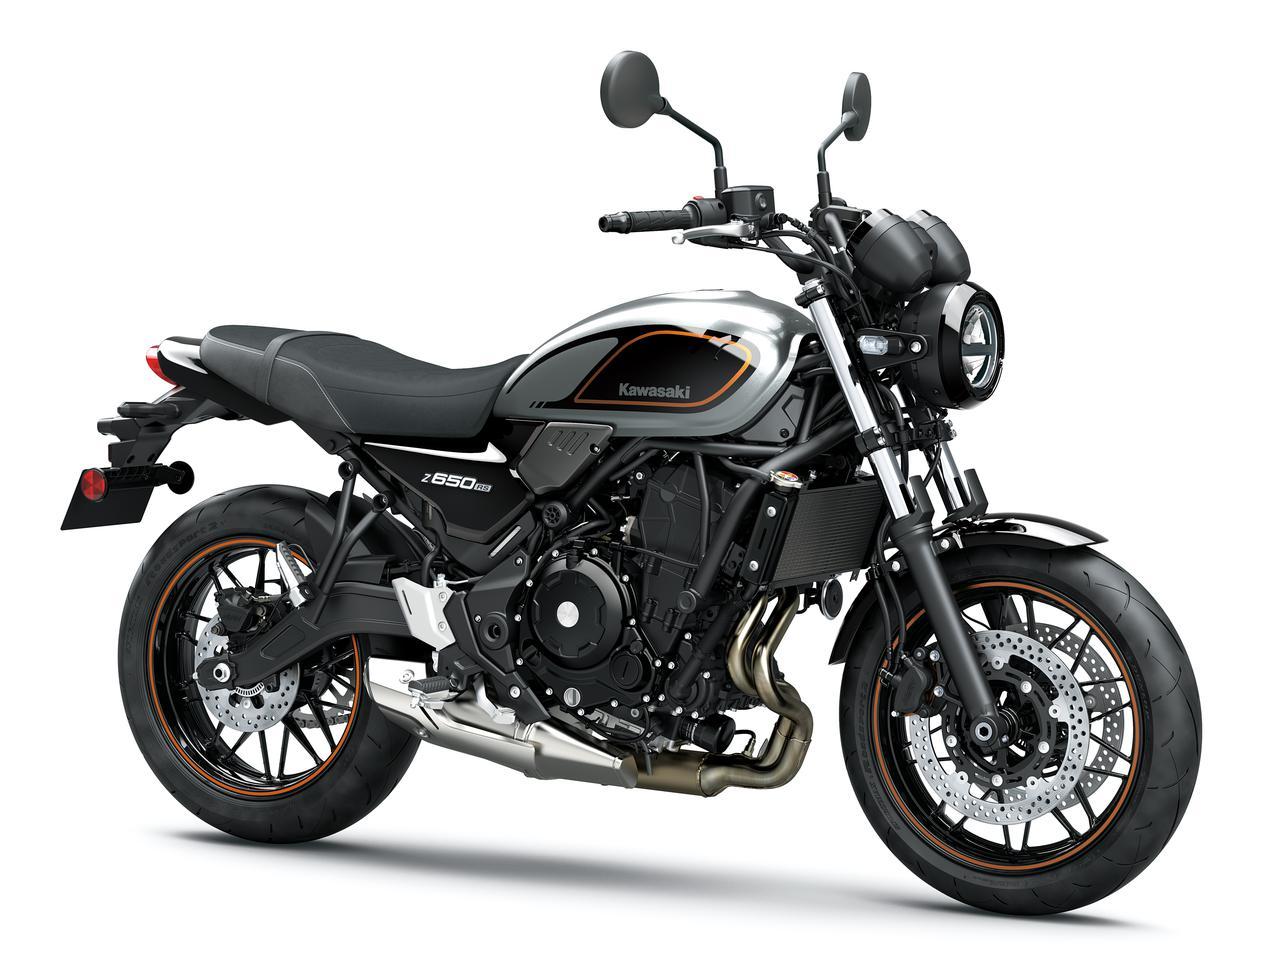 画像4: カワサキが「Z650RS」を正式発表! 水冷2気筒649ccエンジンを搭載したネオレトロスタイルの新型ネイキッドバイク【2022速報】